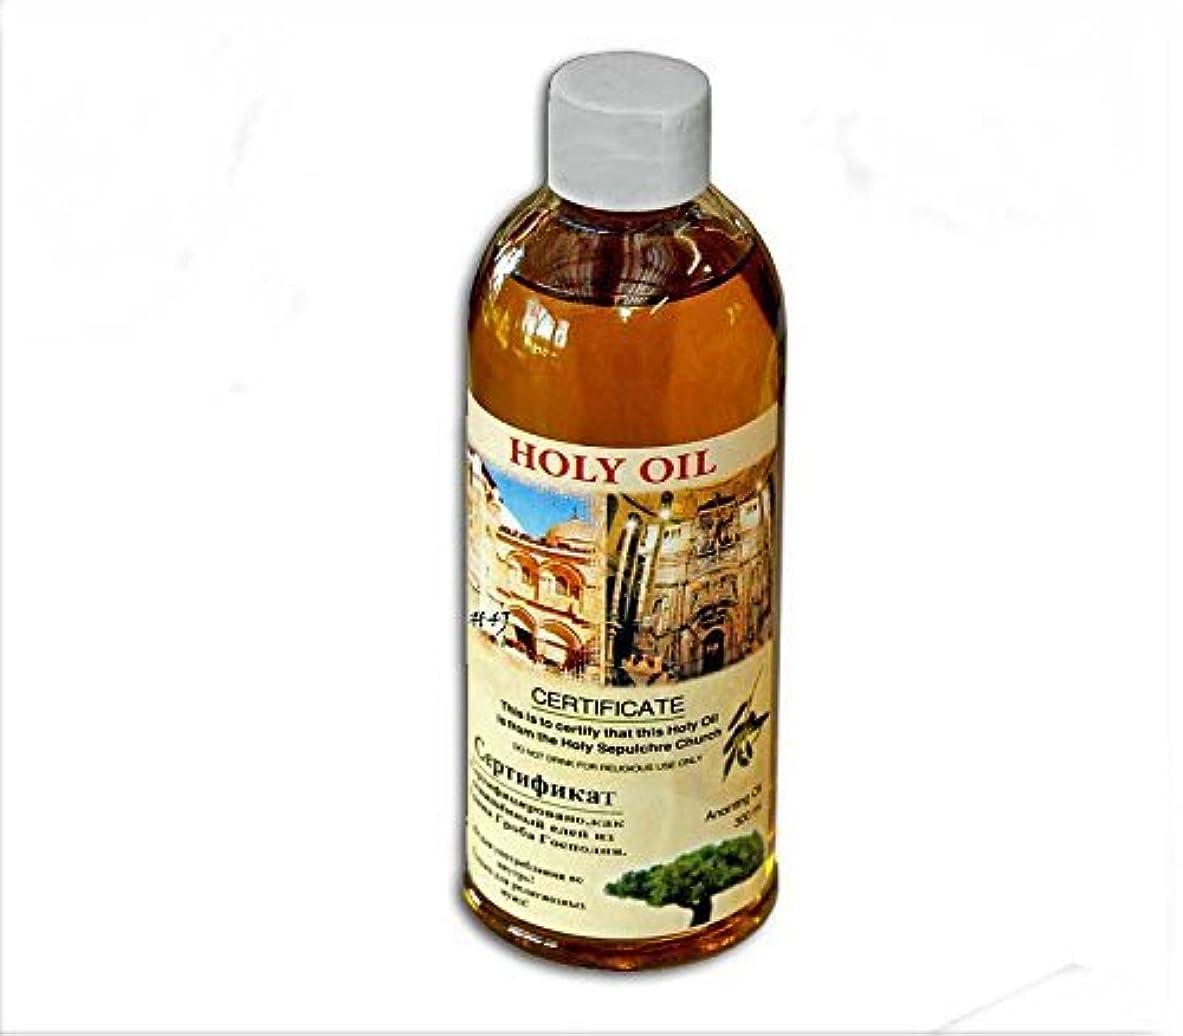 対耐える懲戒60?ml Holy Land AnointingオイルCertificated Blessed小さなボトルからエルサレムbyベツレヘムギフトTM